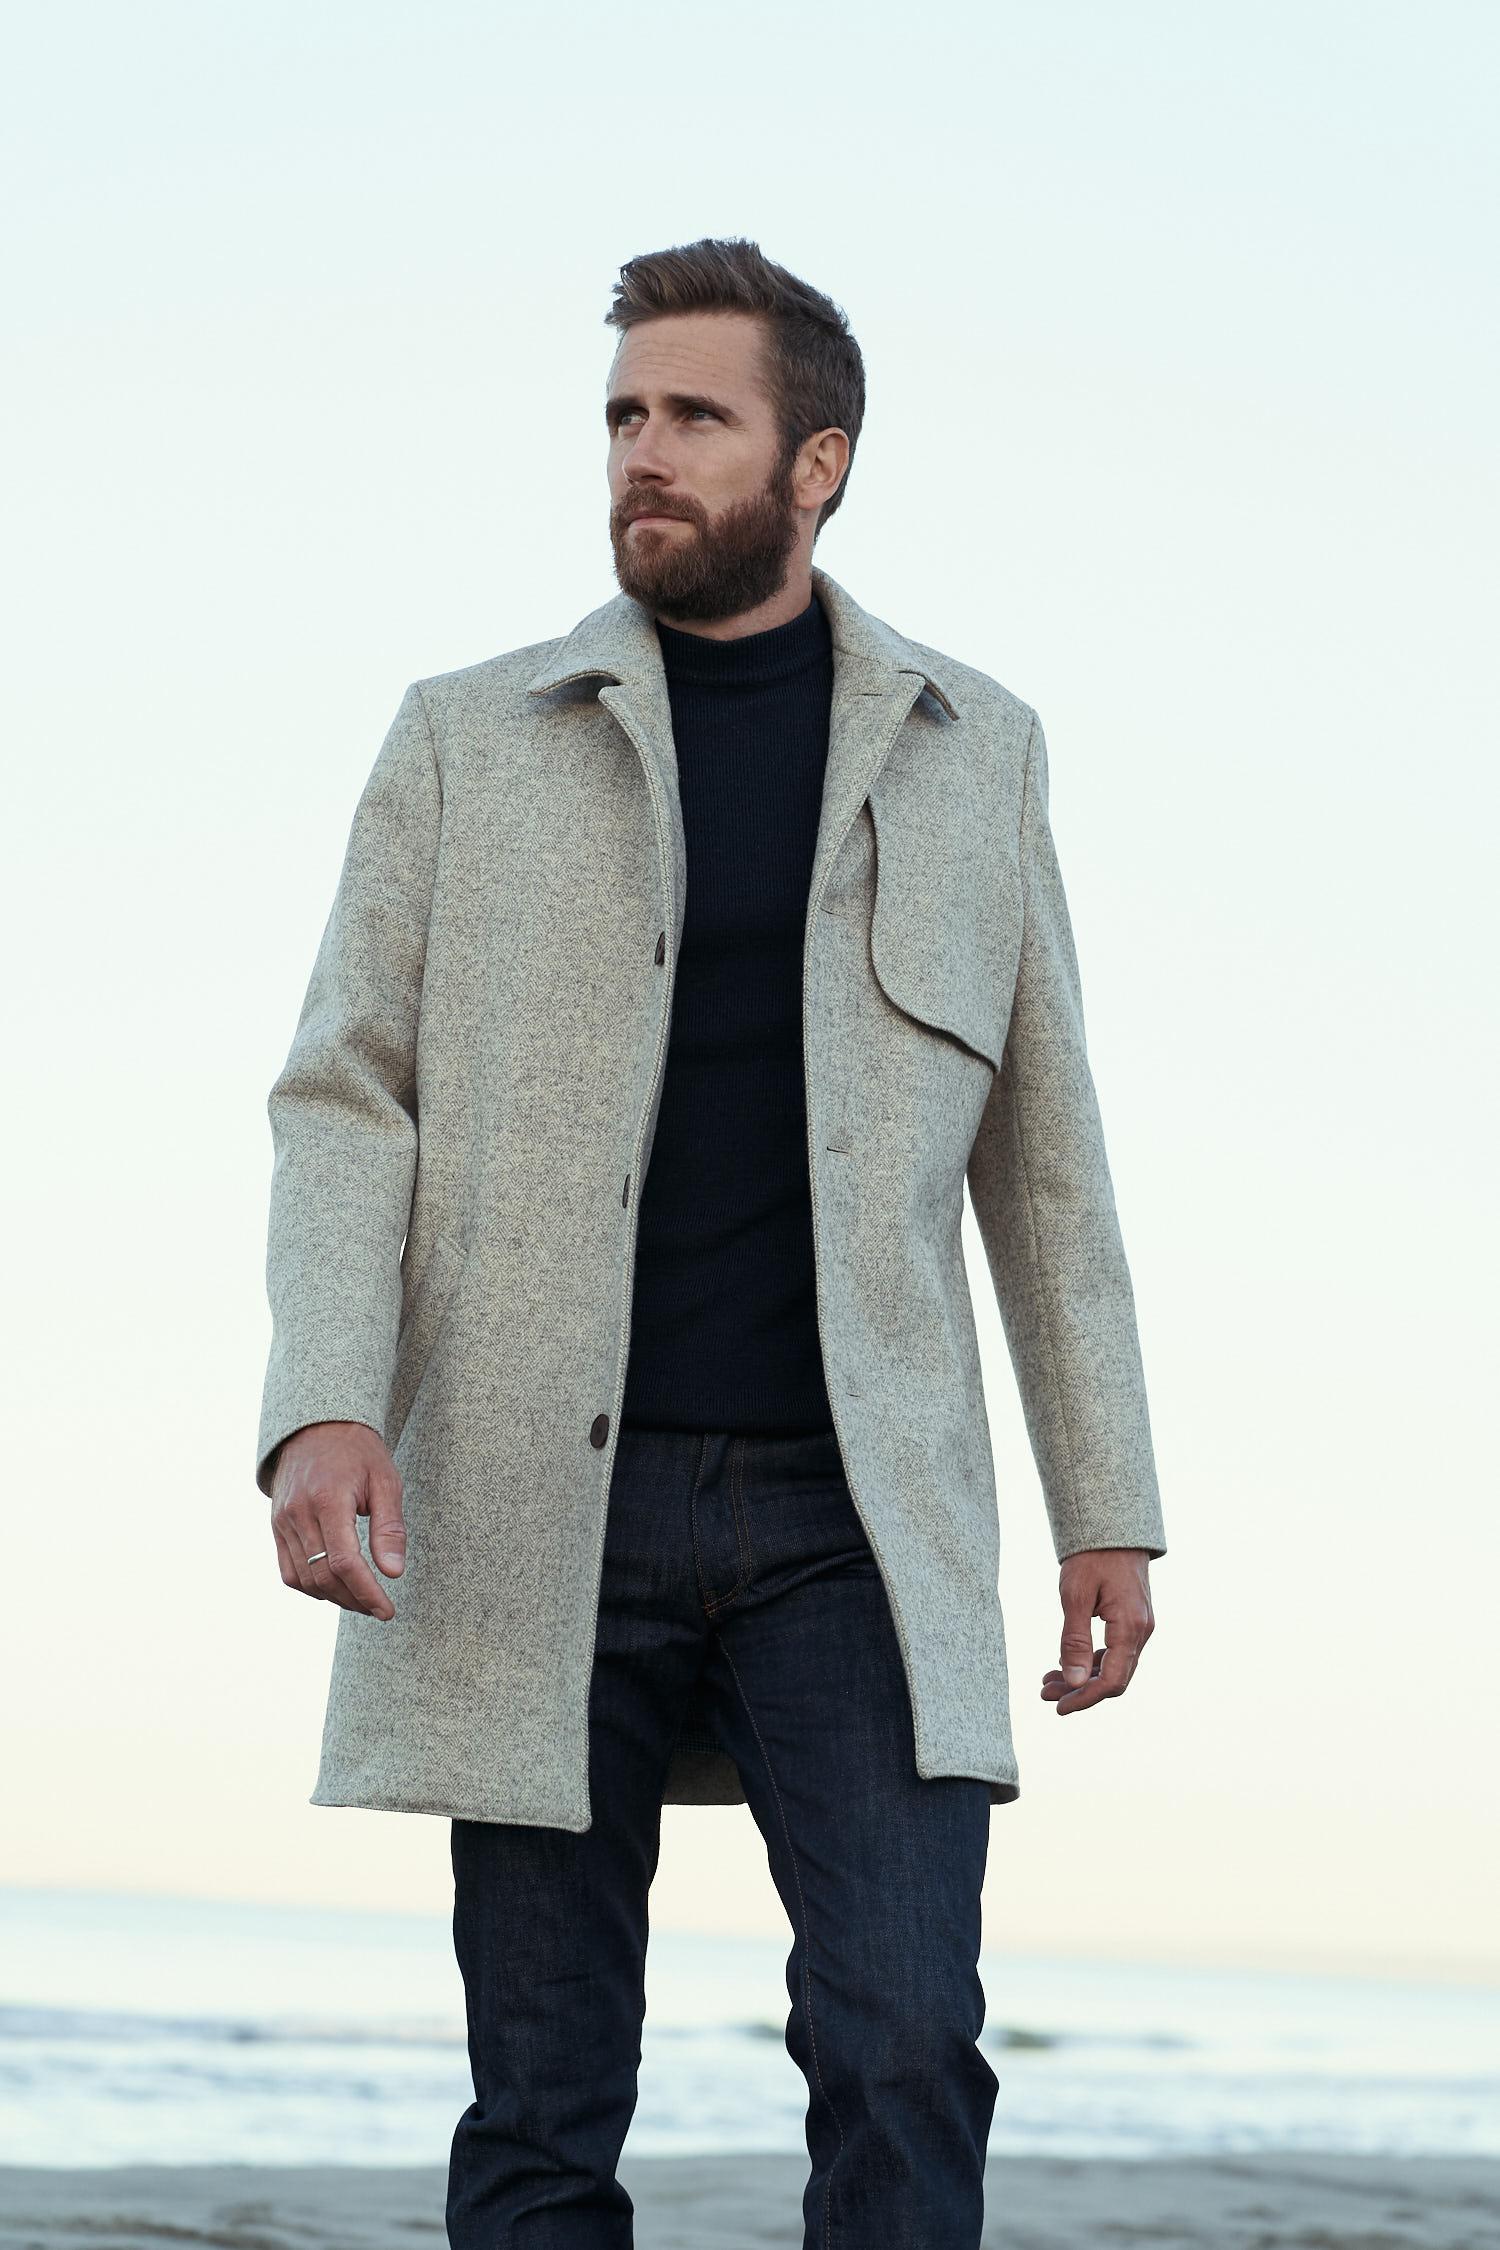 Homme portant un manteau chevrons écru en laines françaises 100% Made in France avec une doublure en lin belge et des boutons en corozo marrons